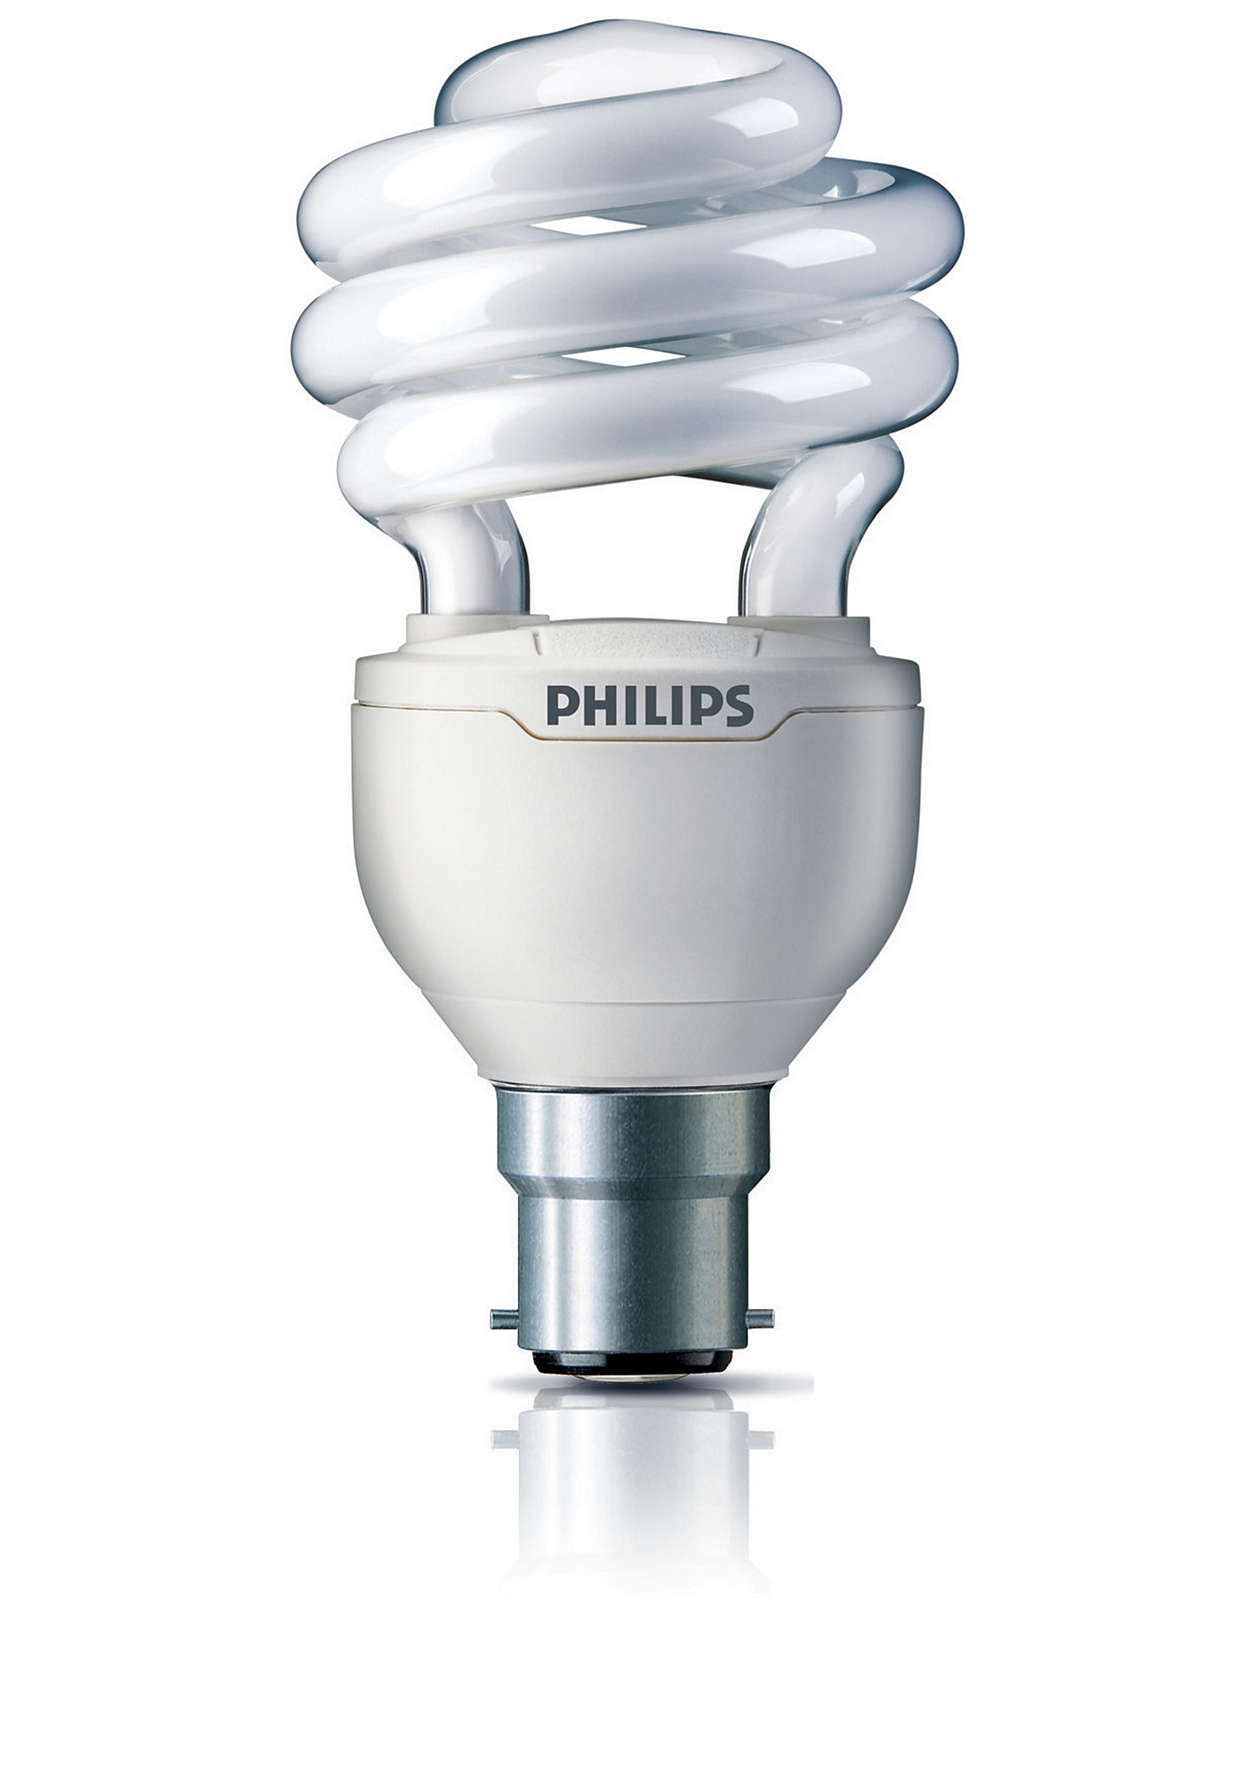 หลอดไฟประหยัดพลังงานพร้อมคุณสมบัติลดแสงได้หลายระดับ